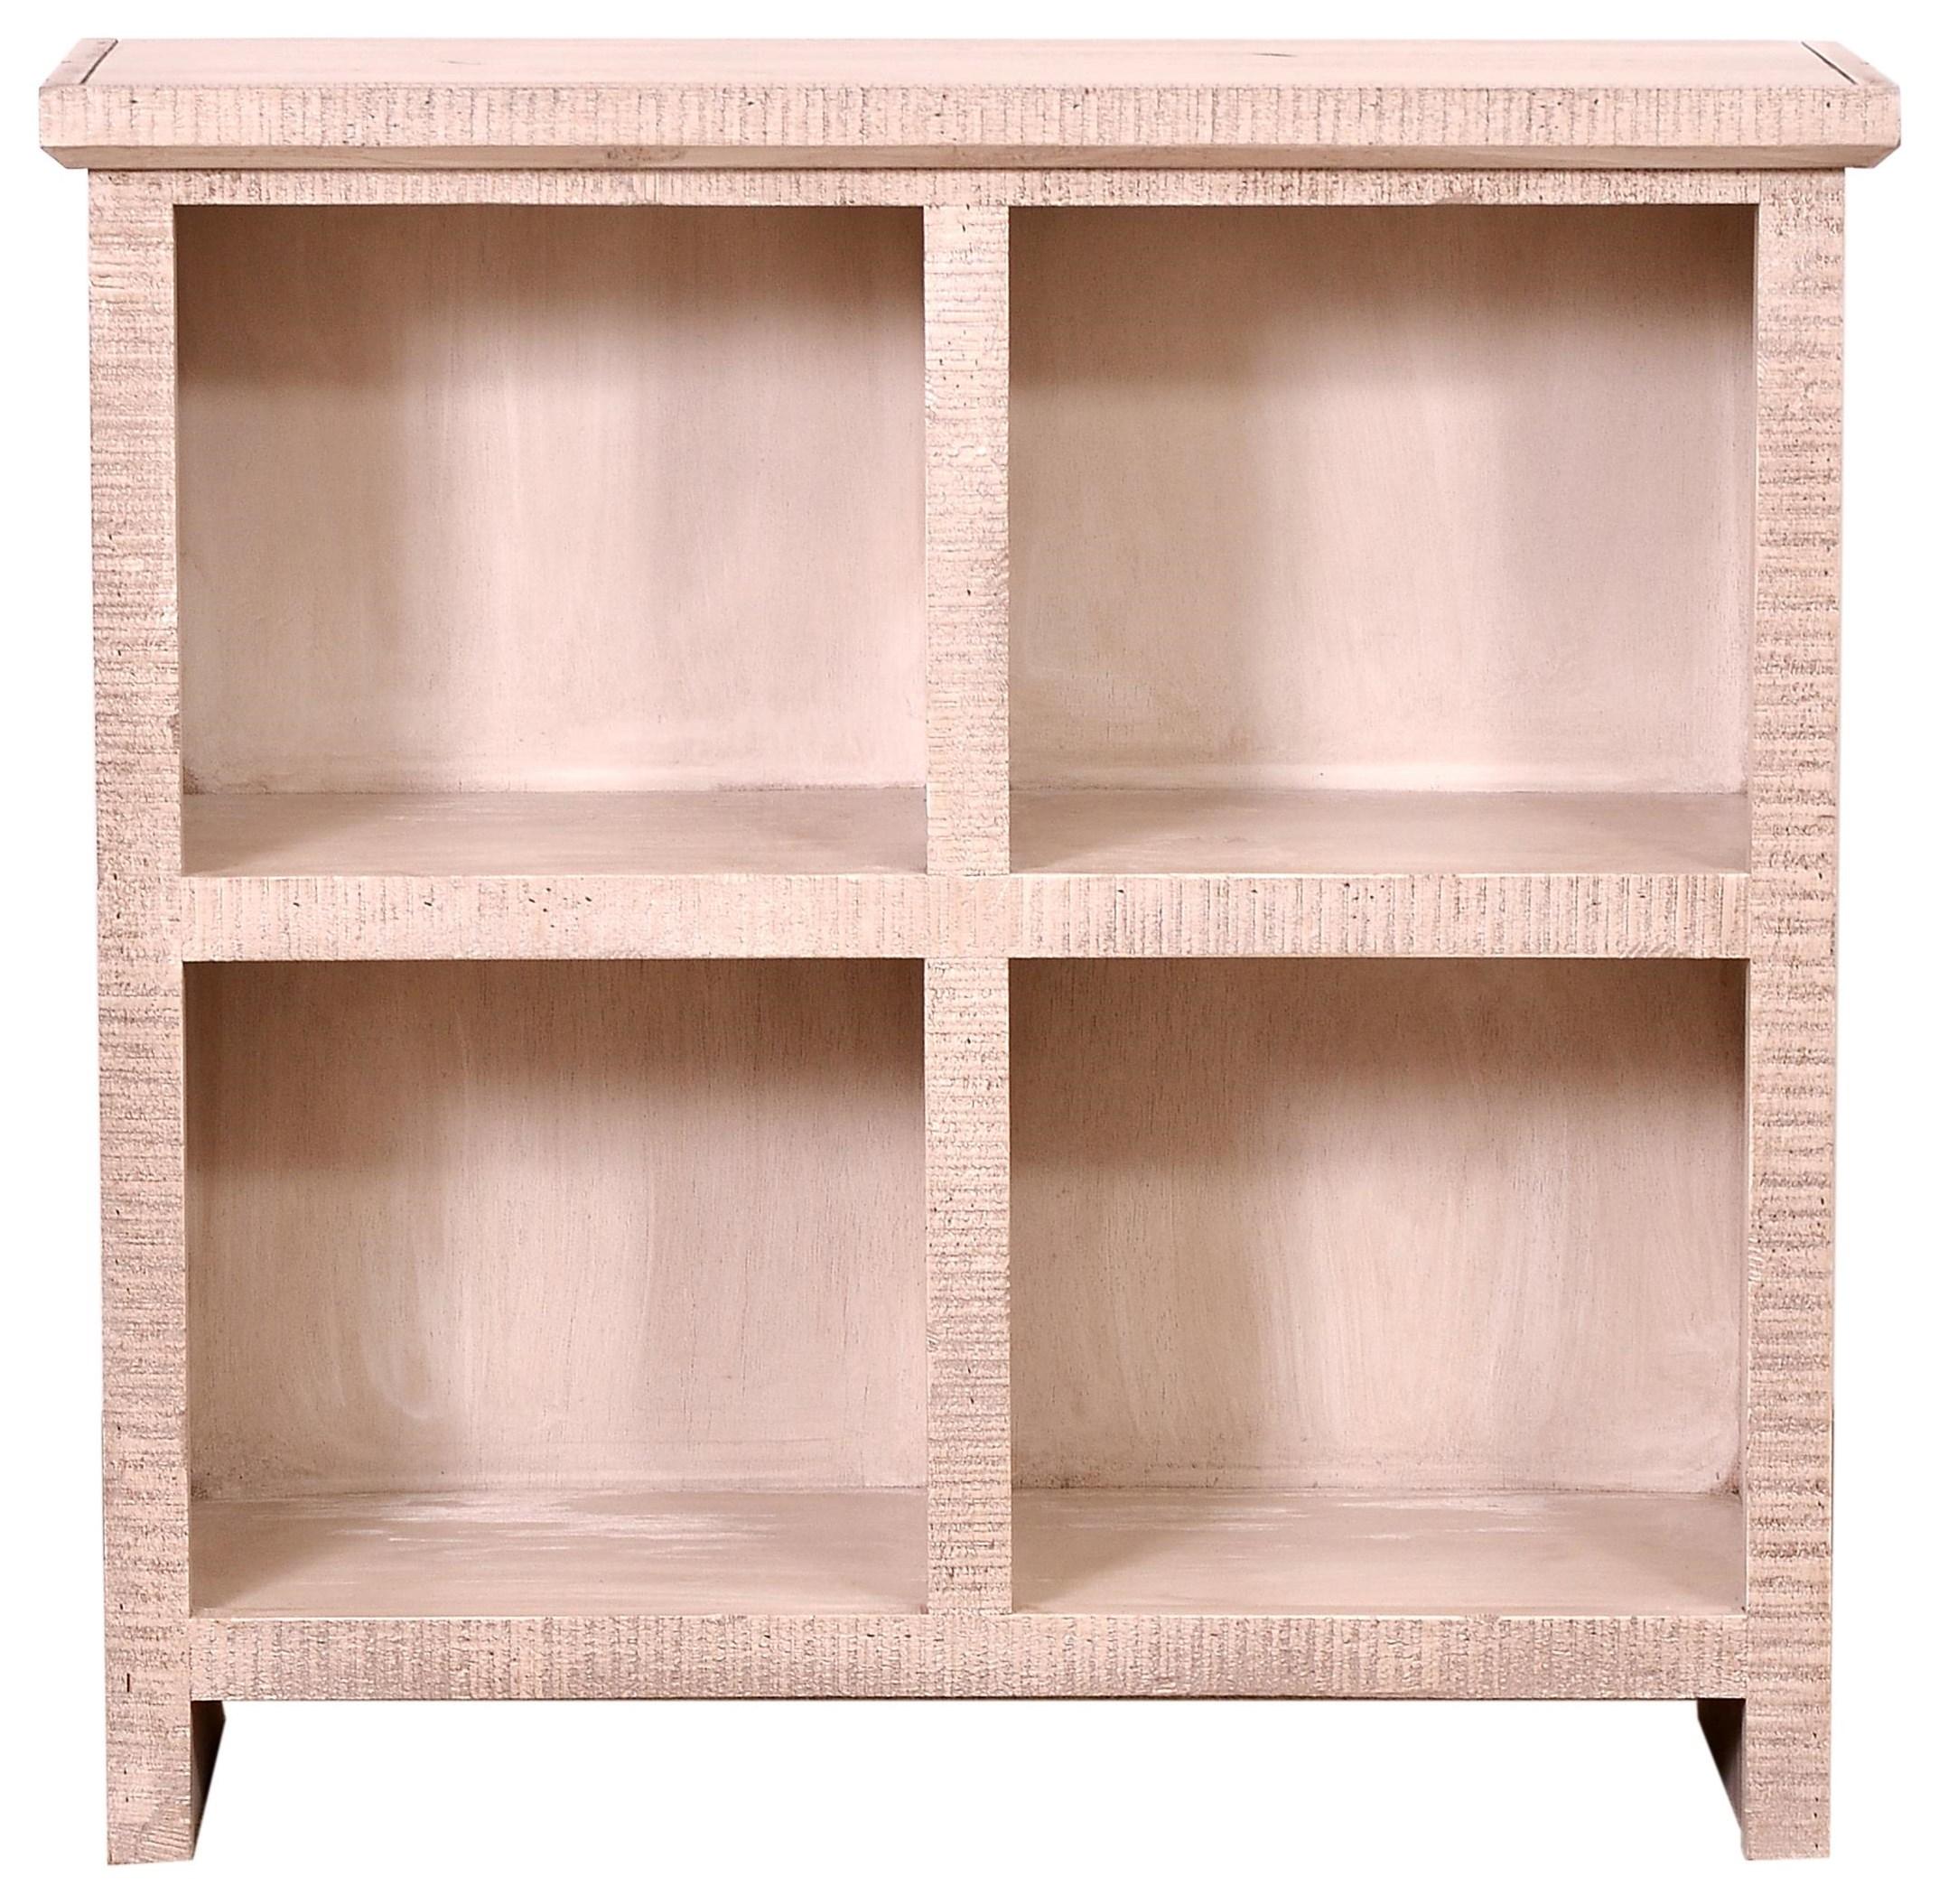 Andover Bookcase